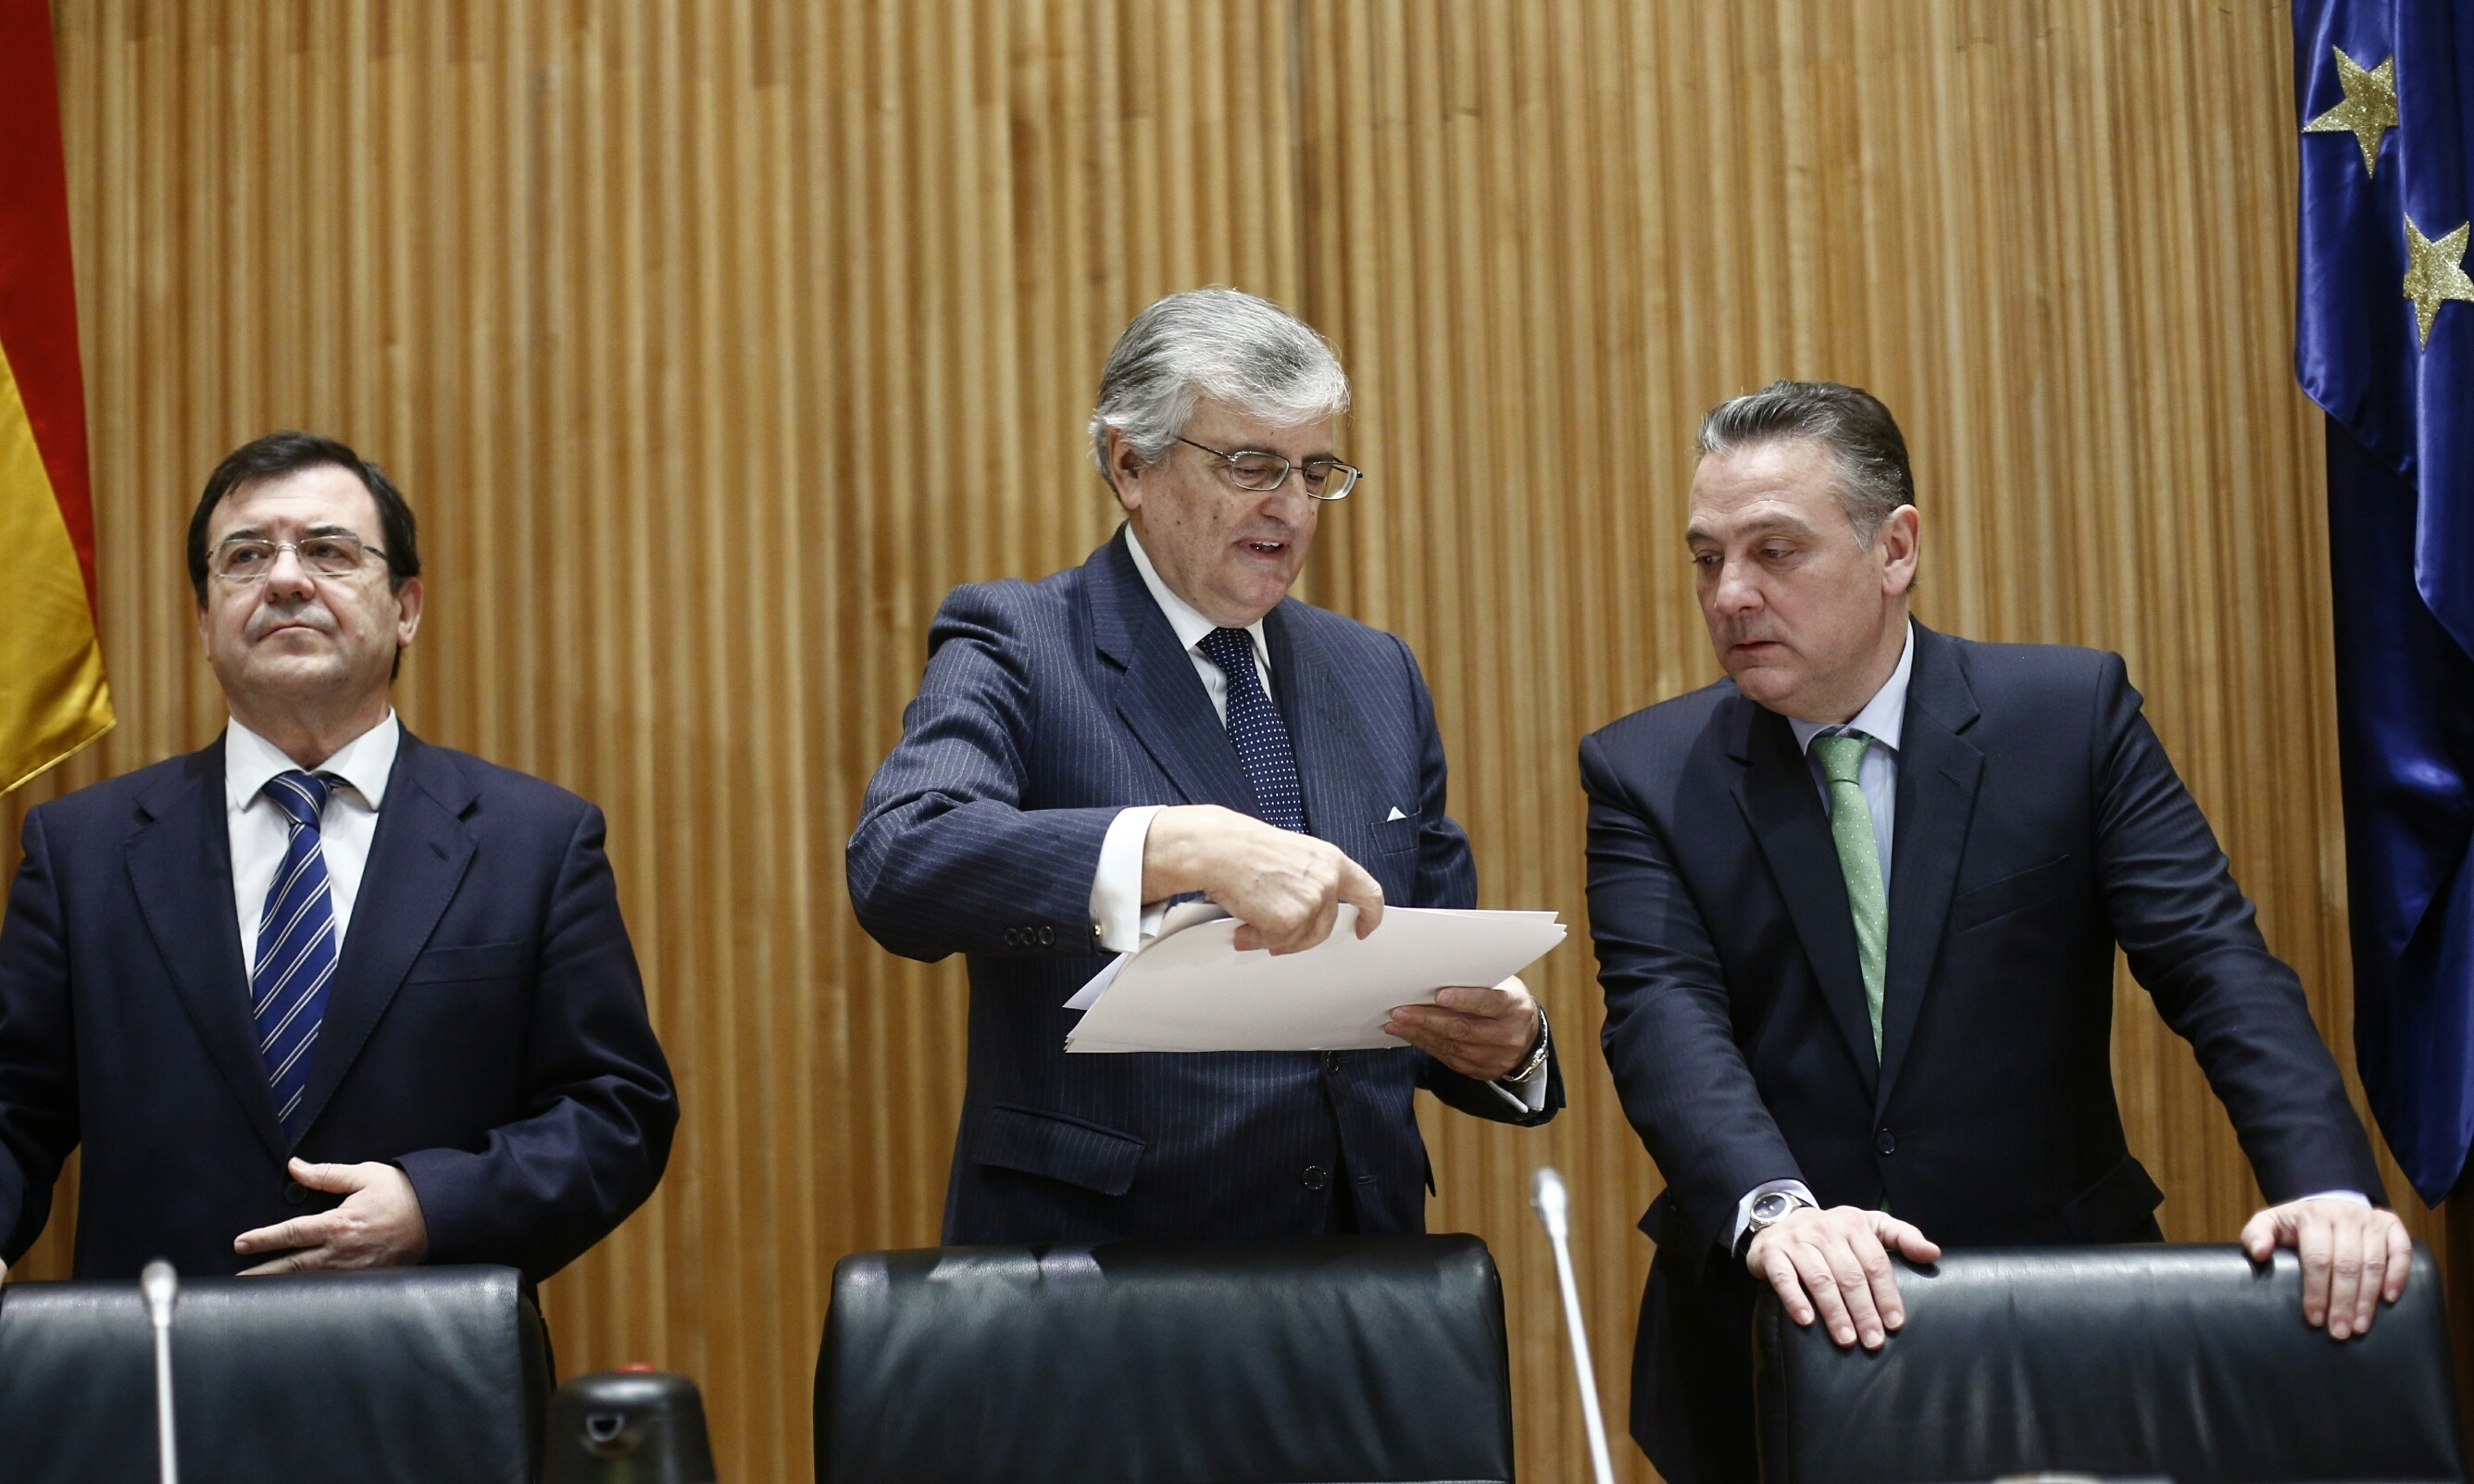 Torres-Dulce defiende por «legítima» y «coherente» la postura contraria a la imputación de la Infanta